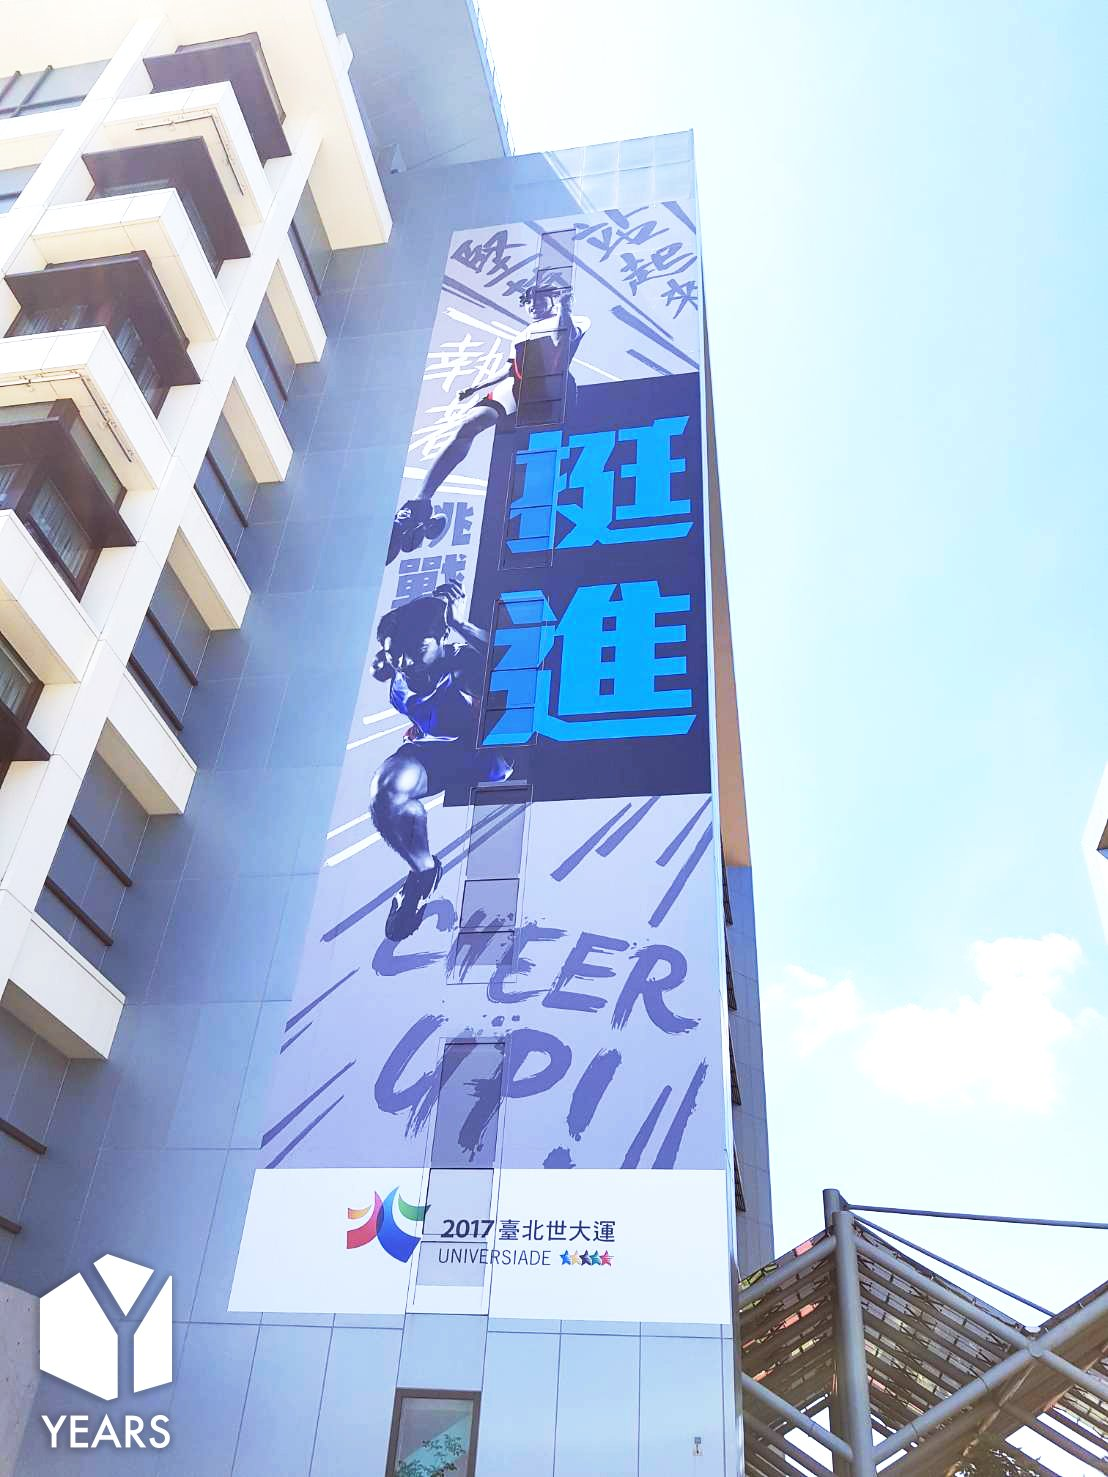 戶外大樓廣告